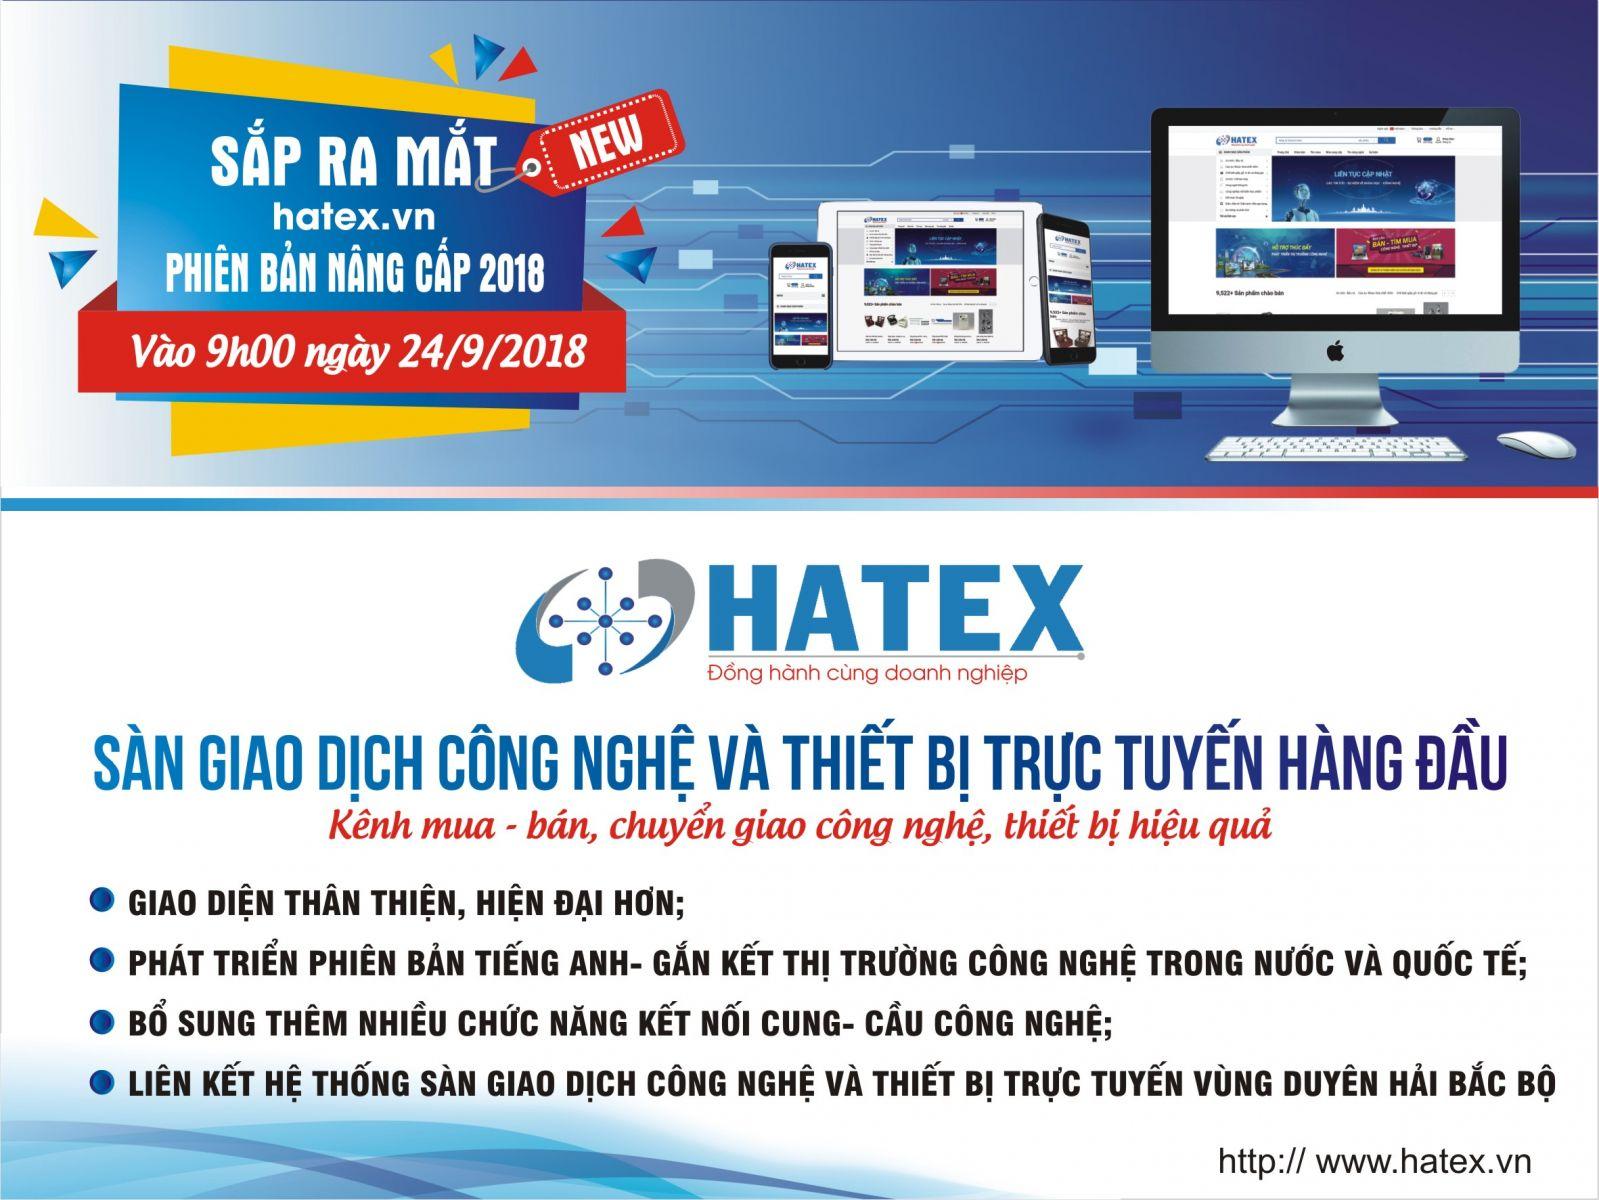 Chính thức ra mắt Sàn giao dịch công nghệ và thiết bị trực tuyến Hatex.vn phiên bản nâng cấp 2018